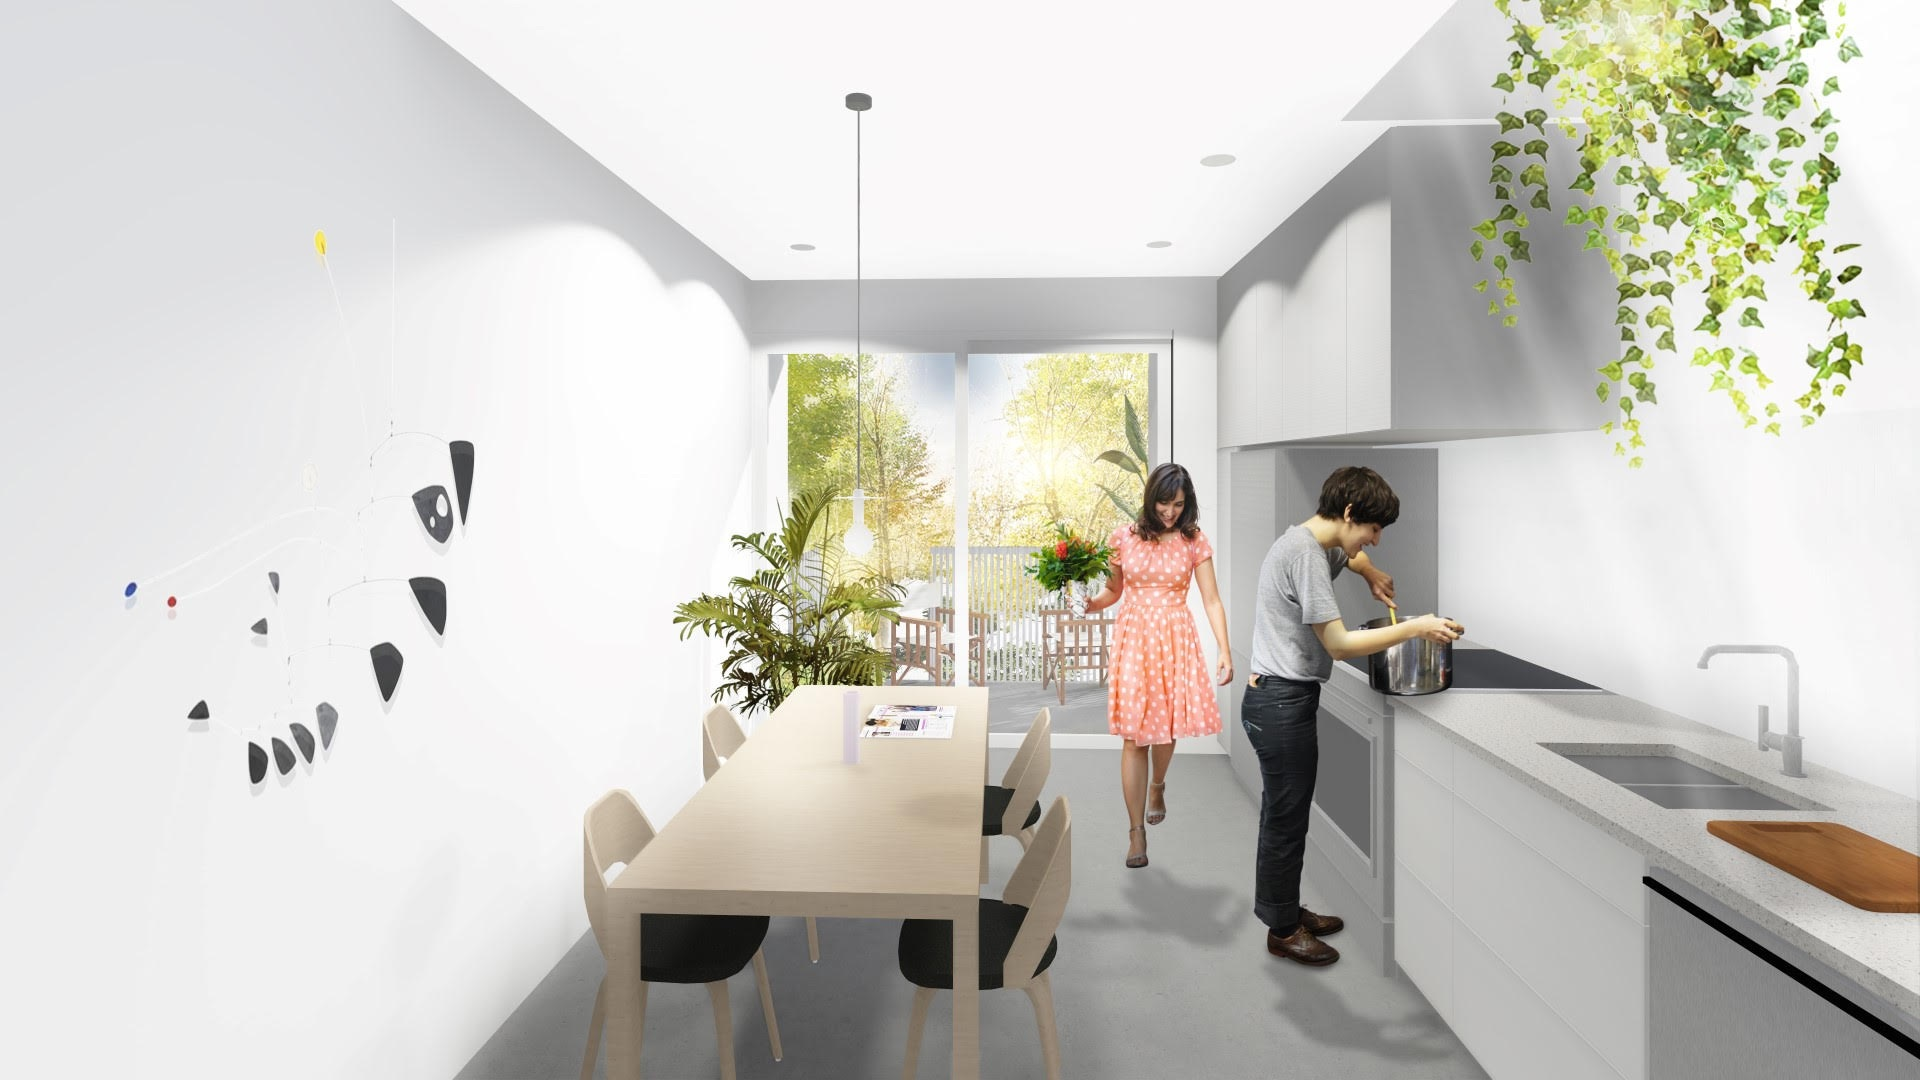 MEZZANINE A - 890 pi2- 2 chambres- 1 Salle de bain- Plan sur 2 étages- Toit-terrasse privé- Puit de lumière- Rangement à vélo extérieur